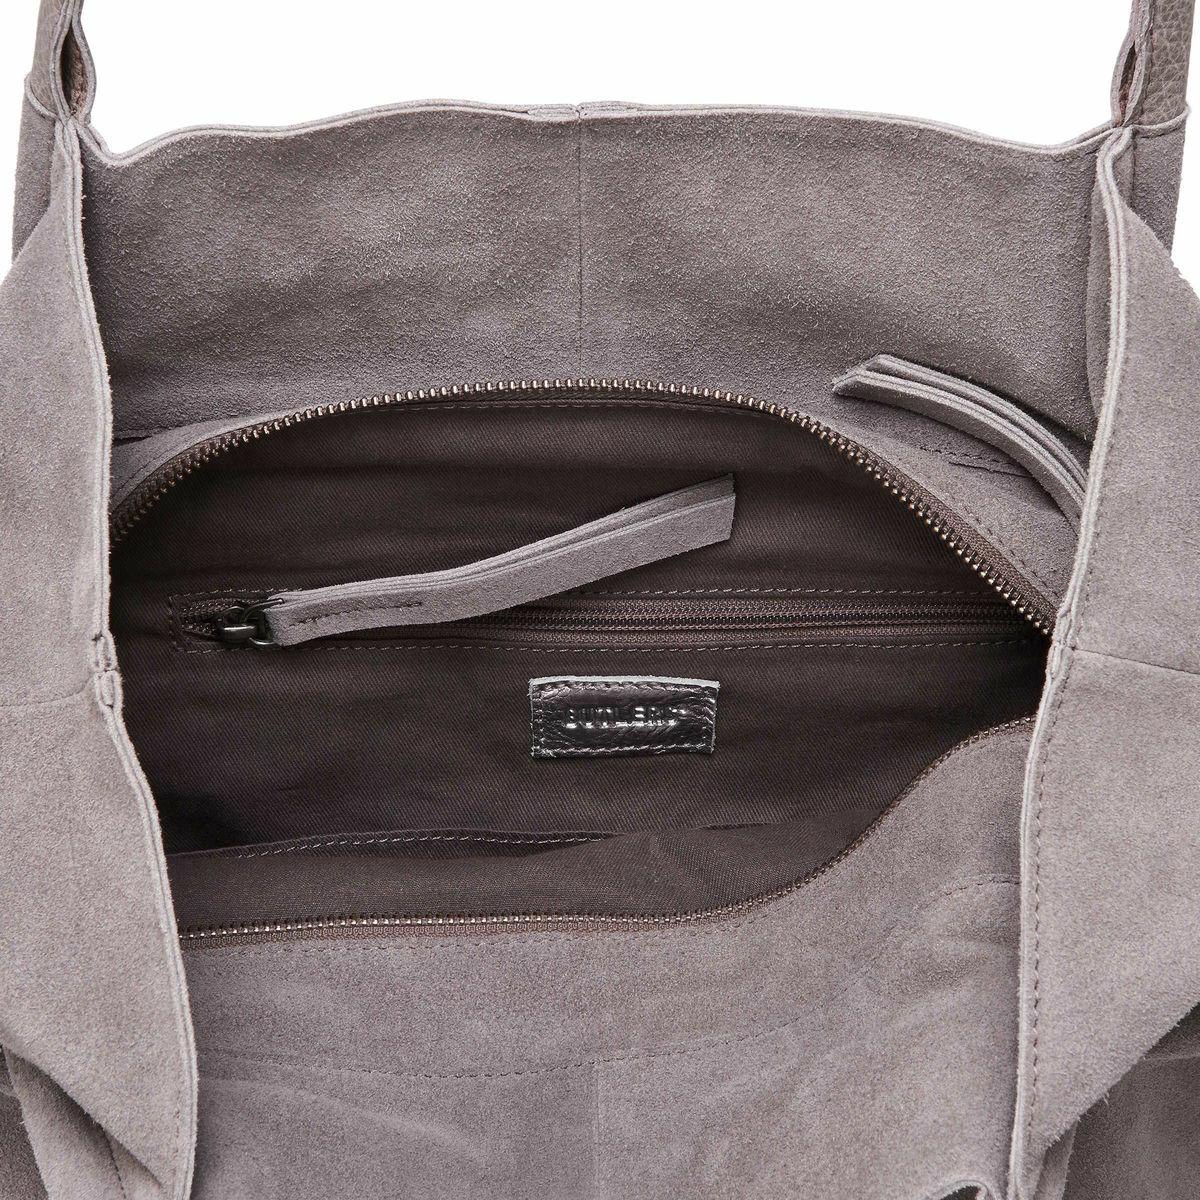 Bild 5 von Echtleder Shopper grau-silber